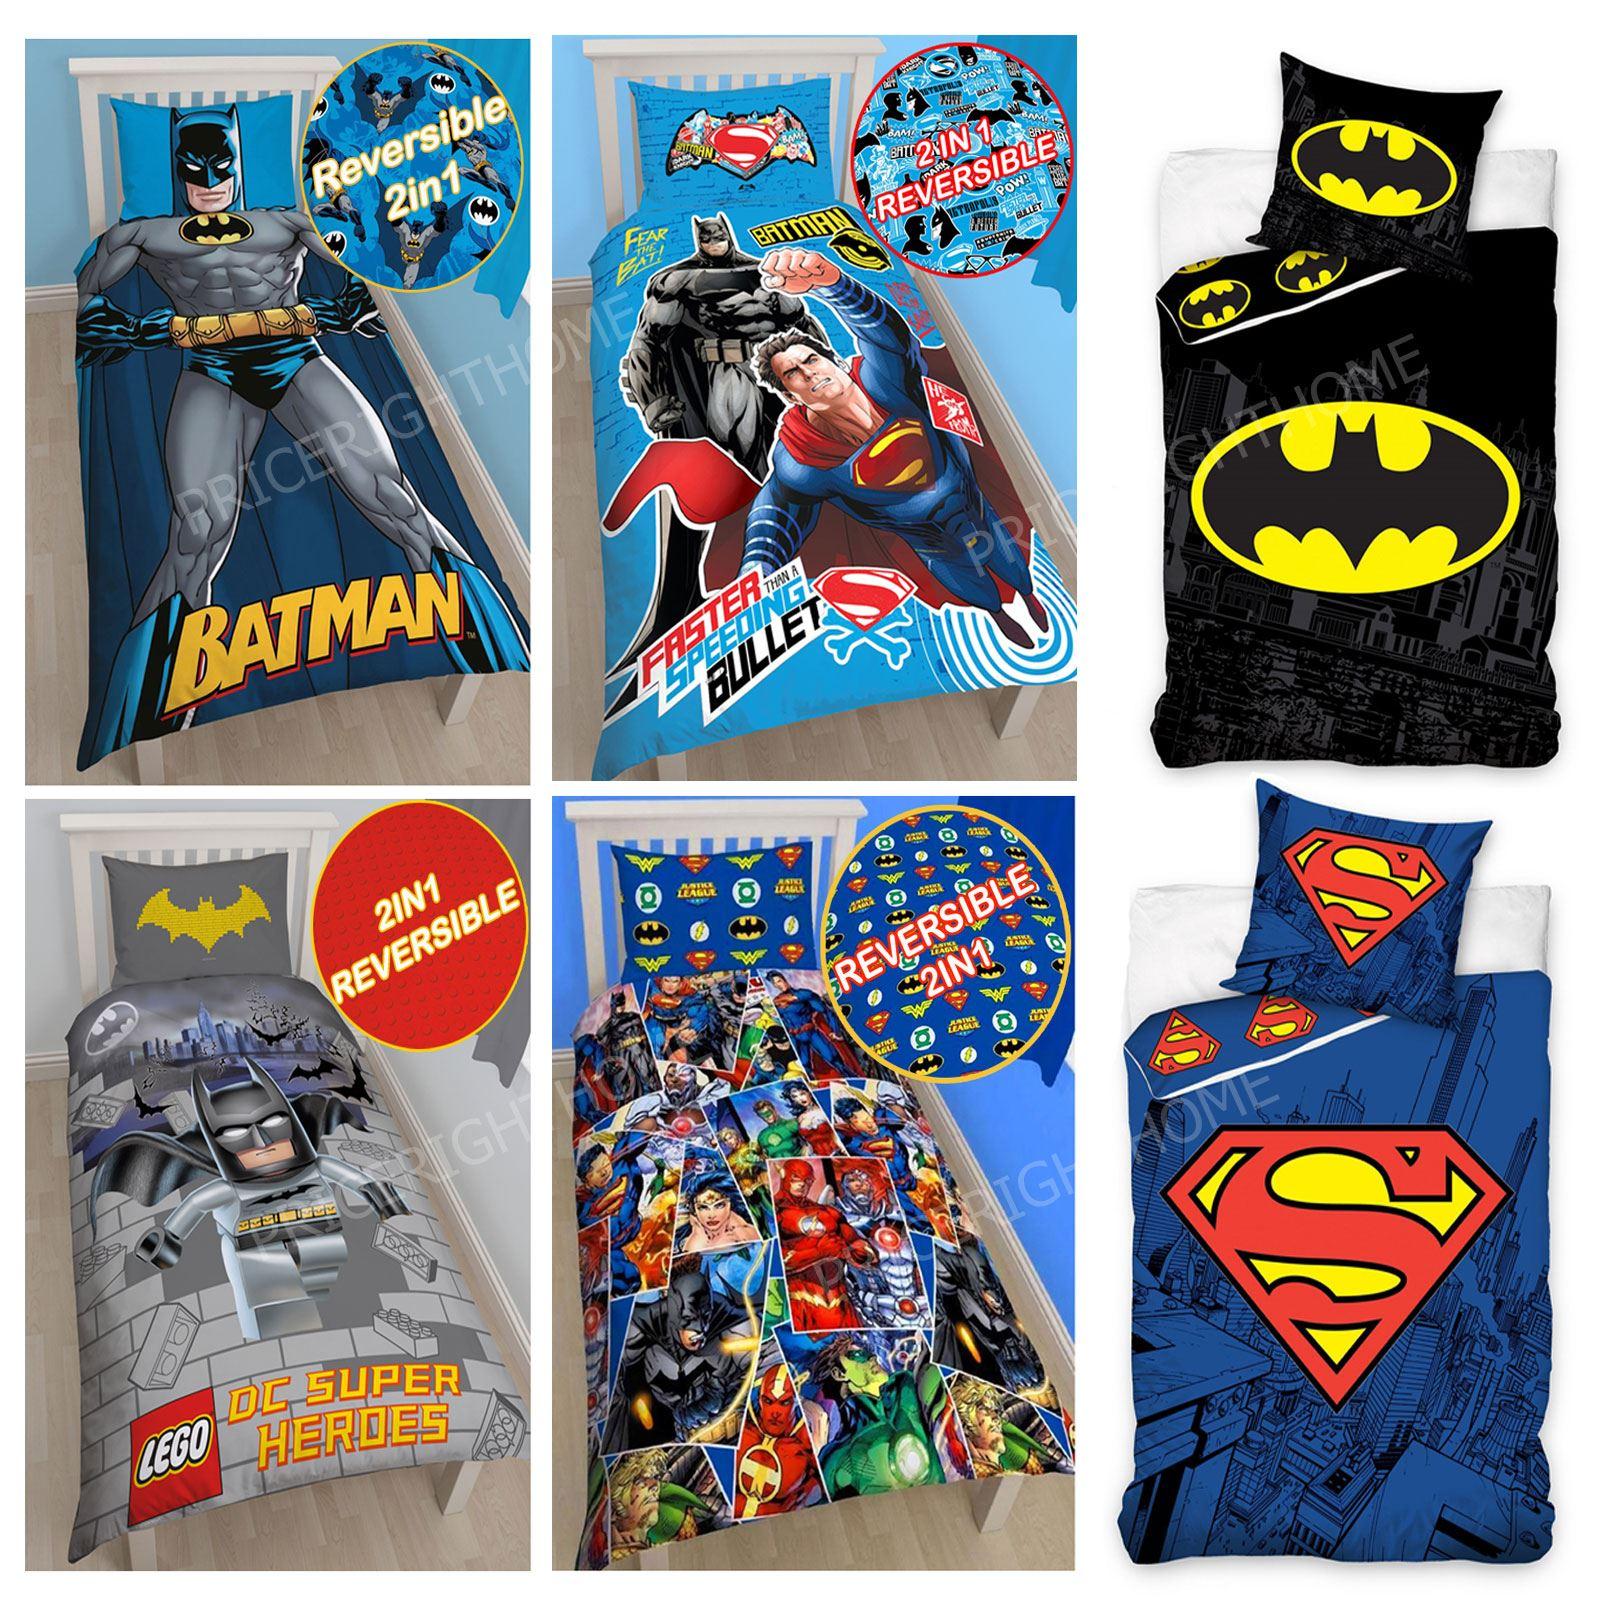 dc comics batman superman duvet cover and pillowcase sets dc comics batman superman duvet cover and pillowcase sets bedroom bedding kids